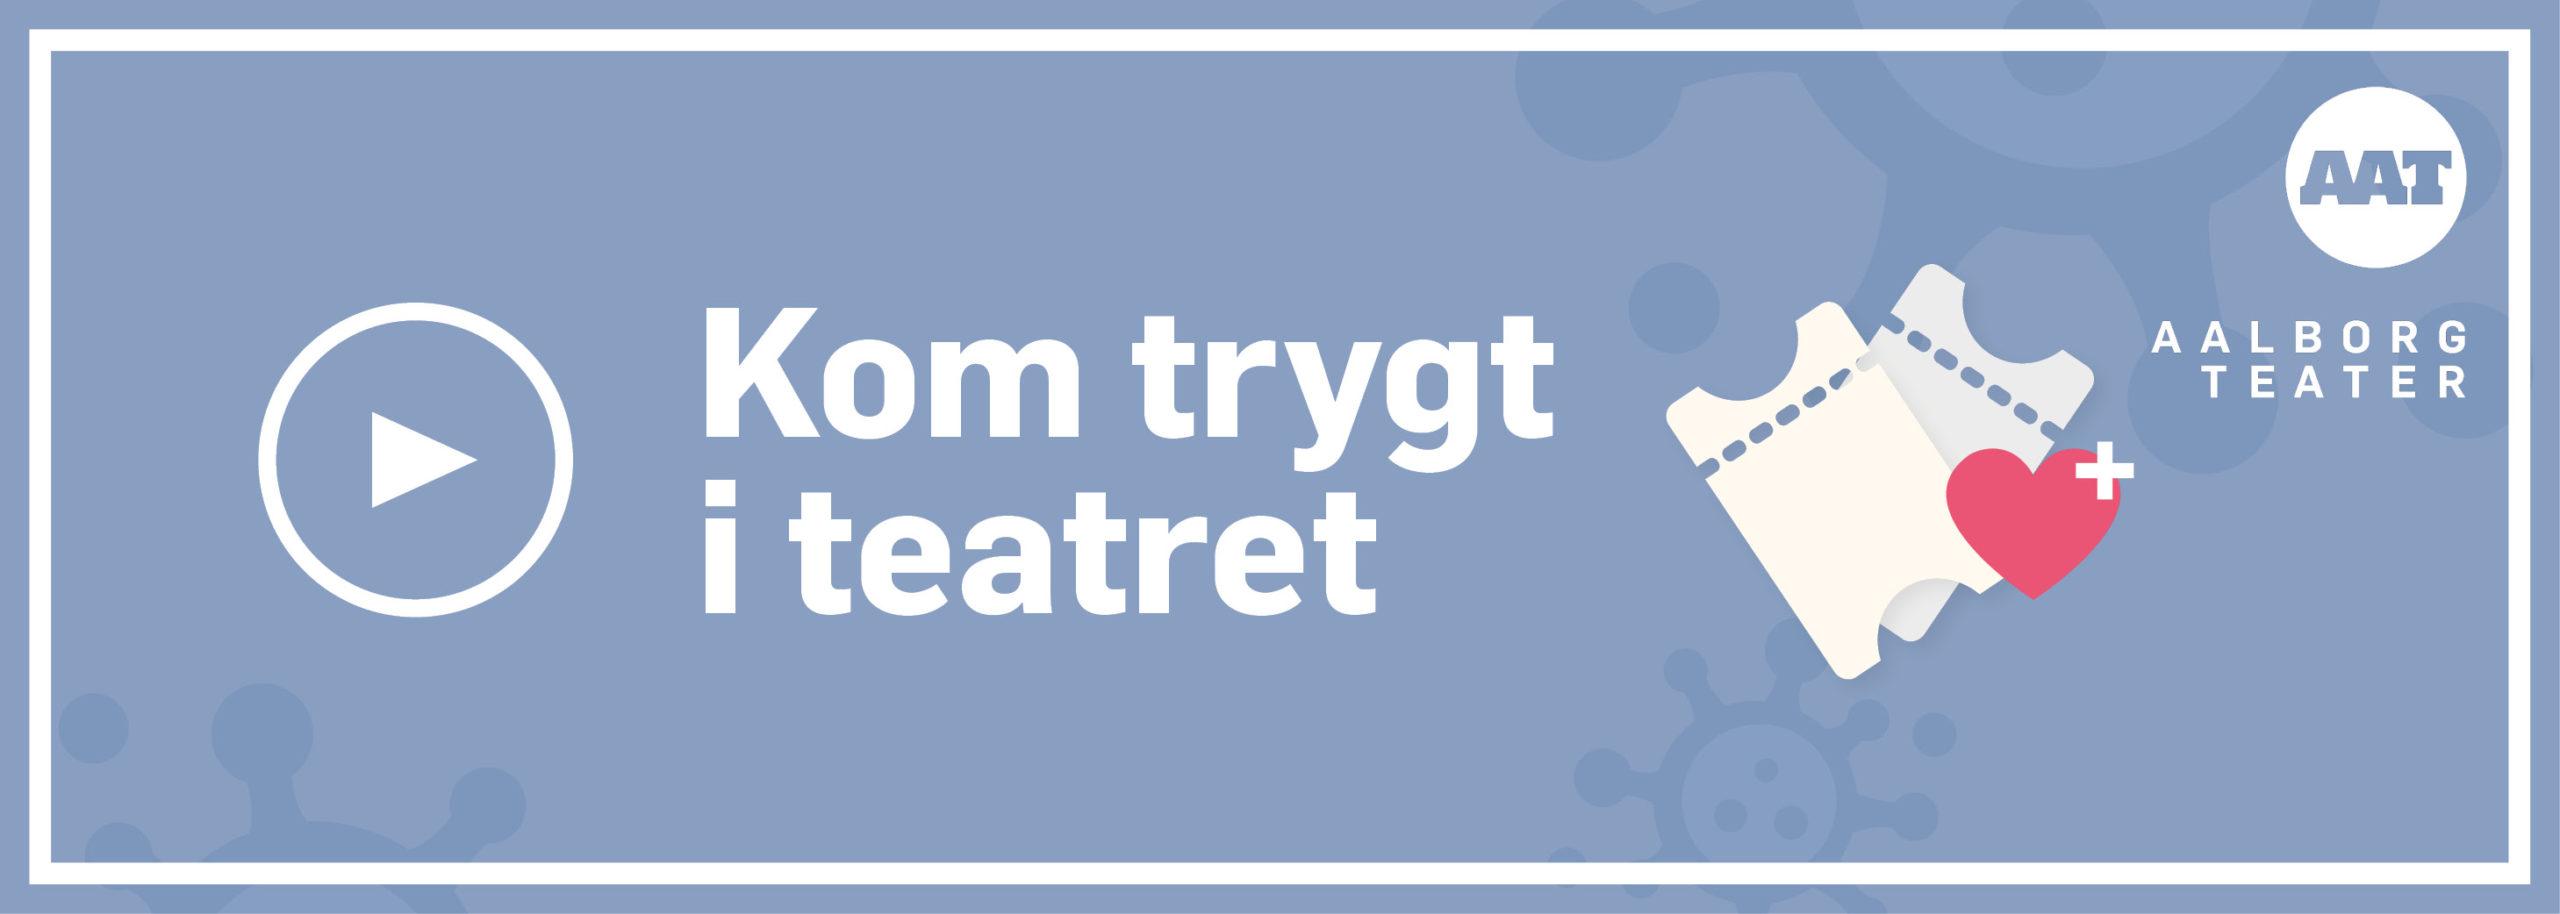 AAT_Kom_trygt_i_teatret_banner1